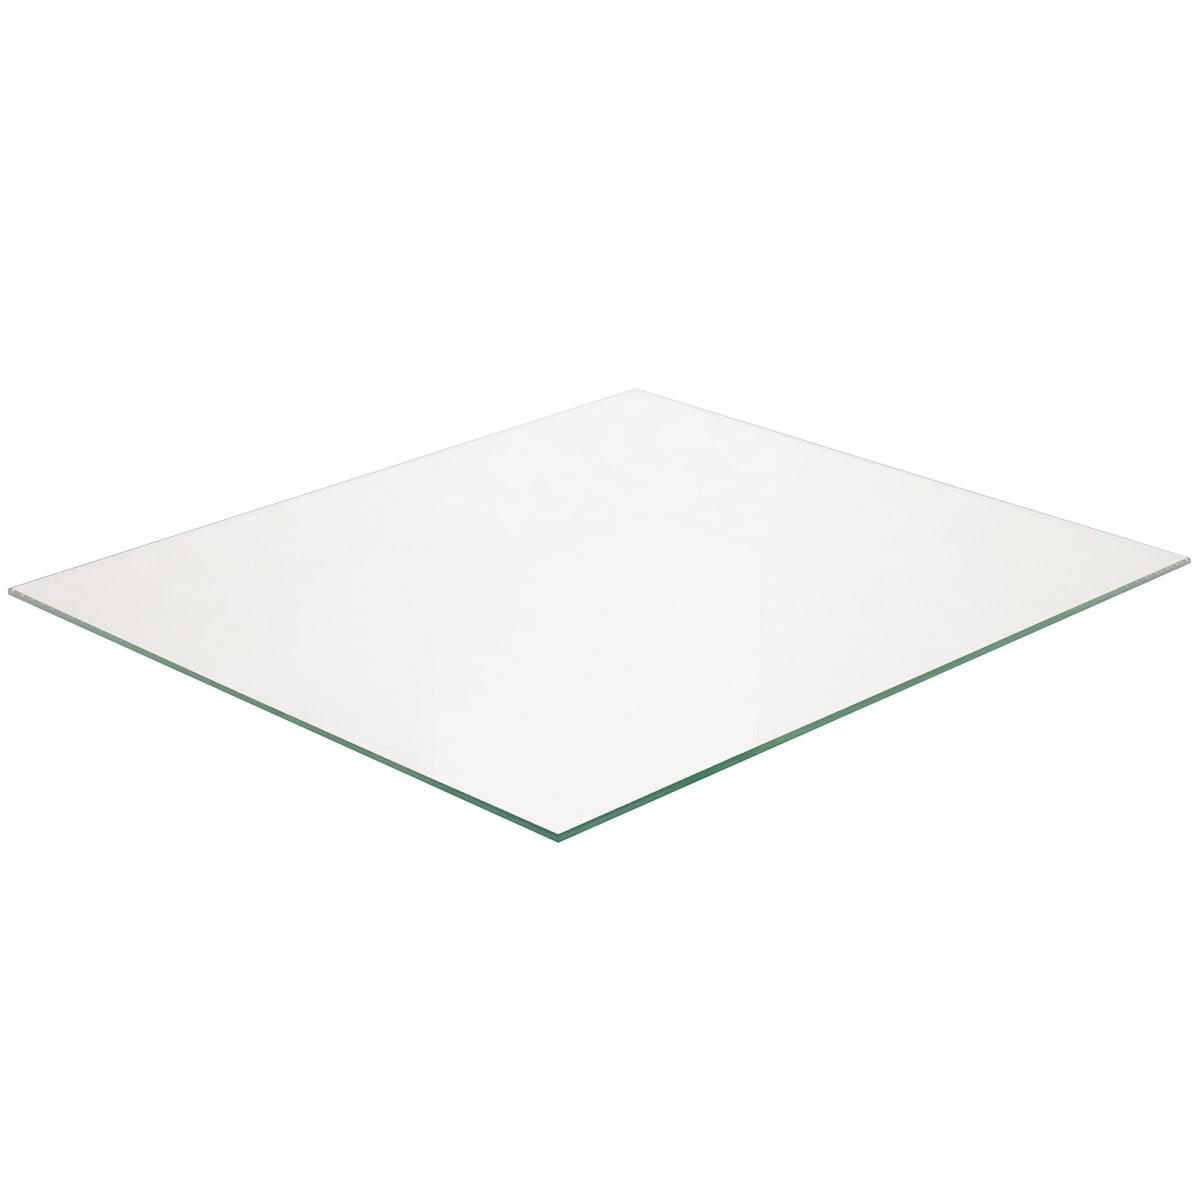 Полка прямоугольная, 36.7х32 см, цвет прозрачный